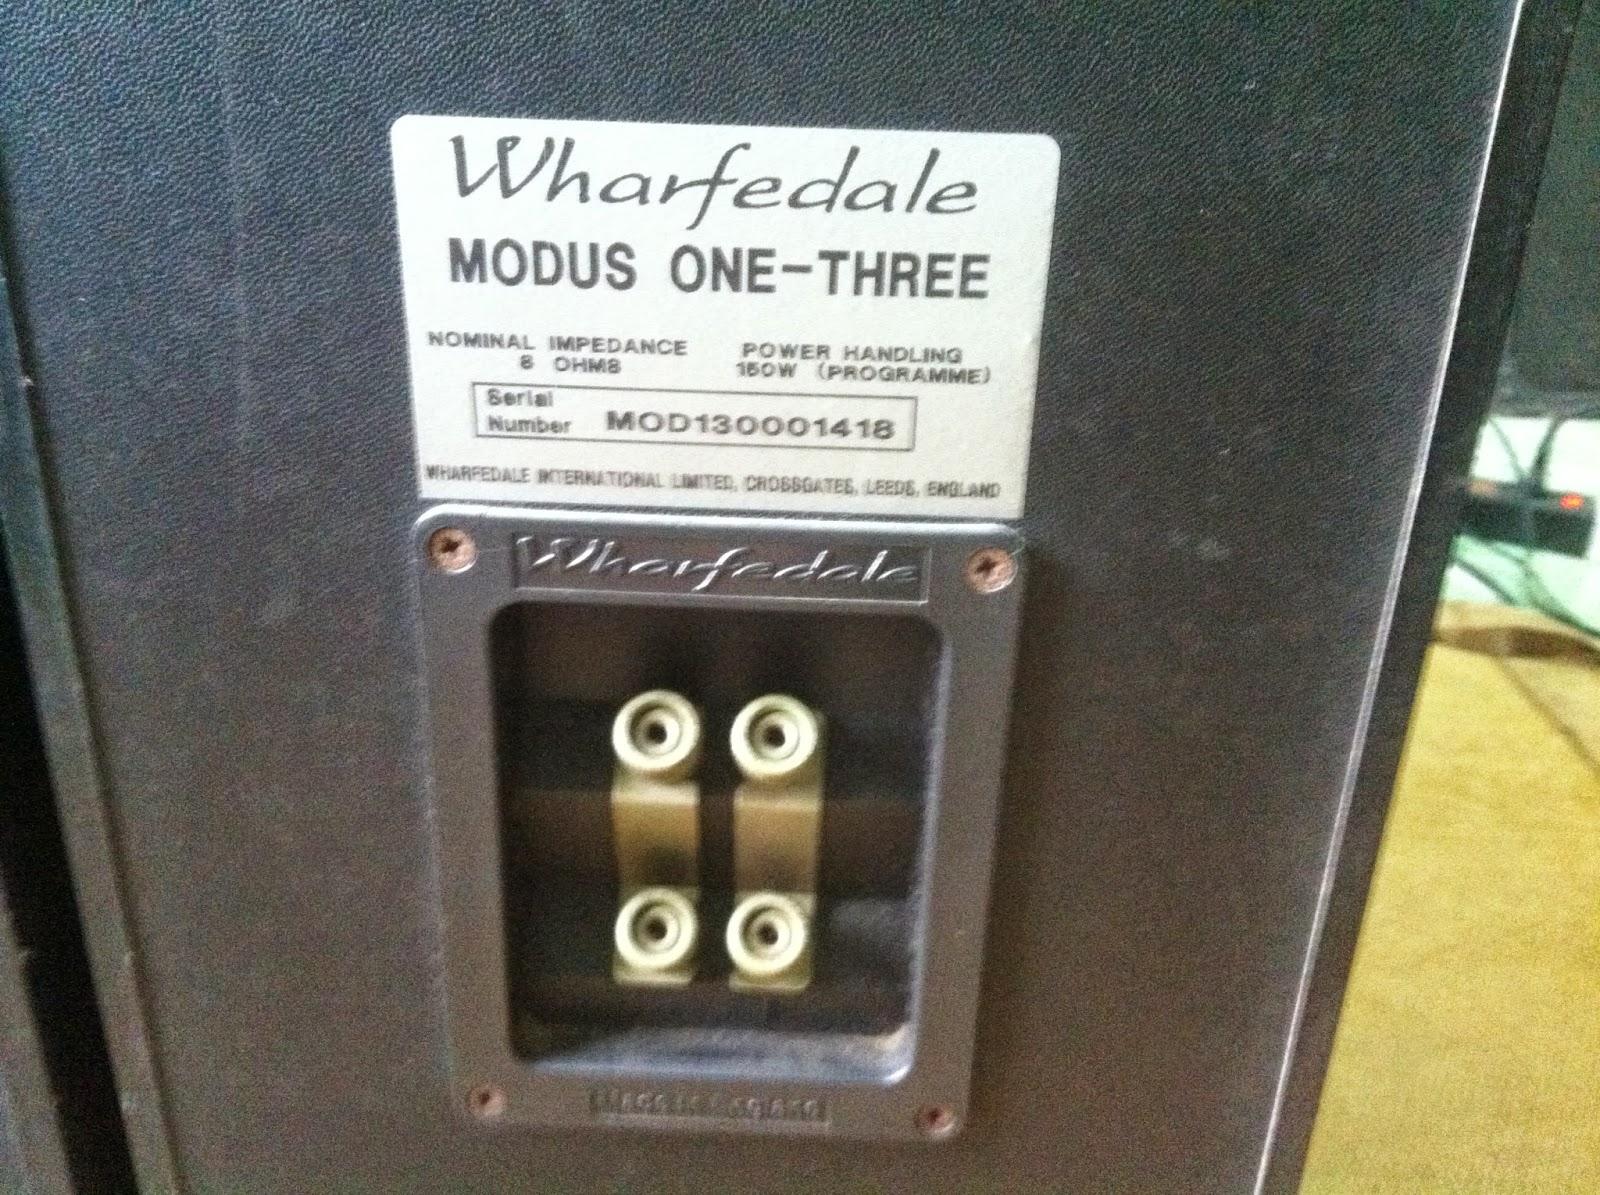 Cận cảnh cầu loa Whafedale modus one three